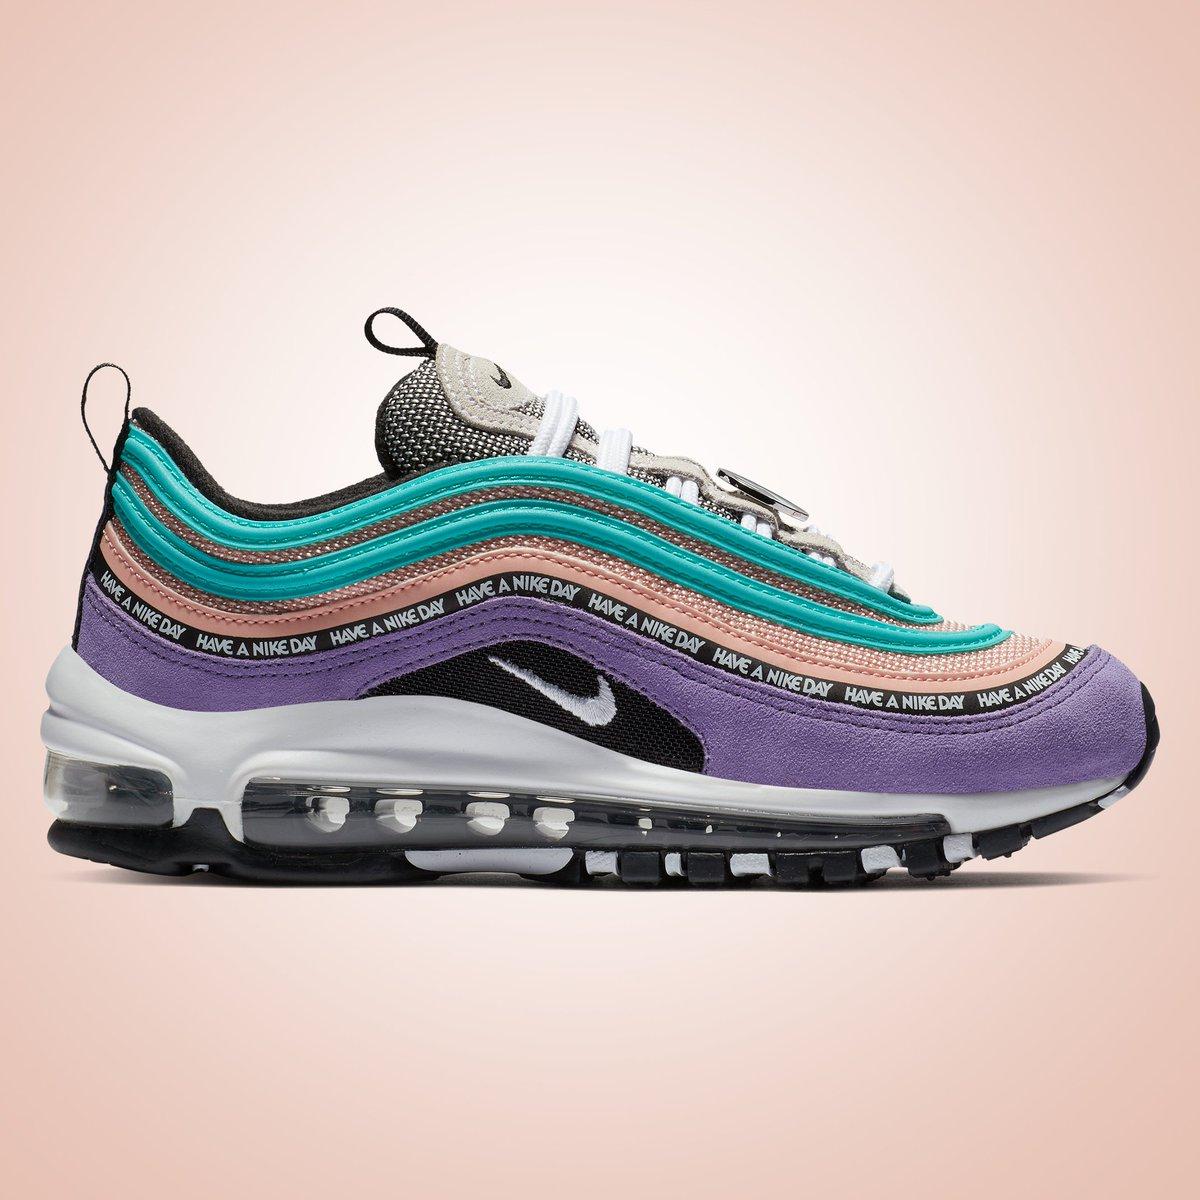 7e07f5552e GB'S Sneaker Shop on Twitter: